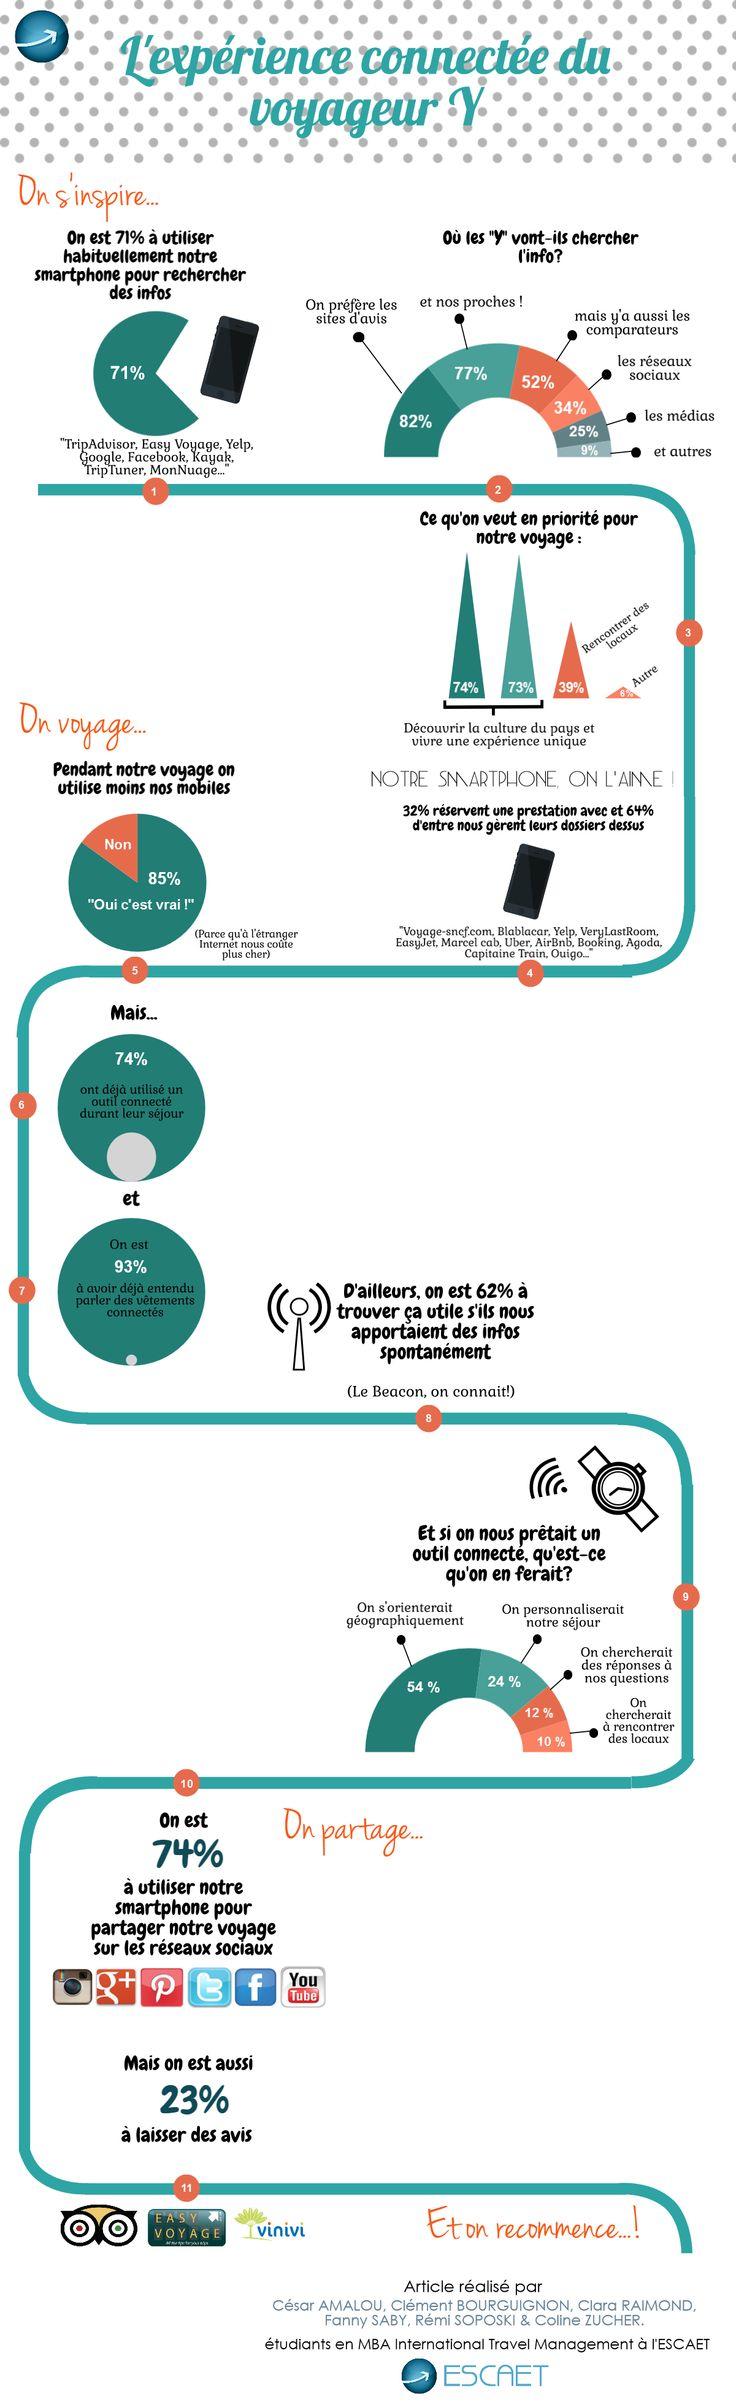 L'expérience connectée des voyageurs de la génération Y, infographie réalisée par les étudiants de MBA1 et publiée sur le site du salon Next Tourisme 2015 !